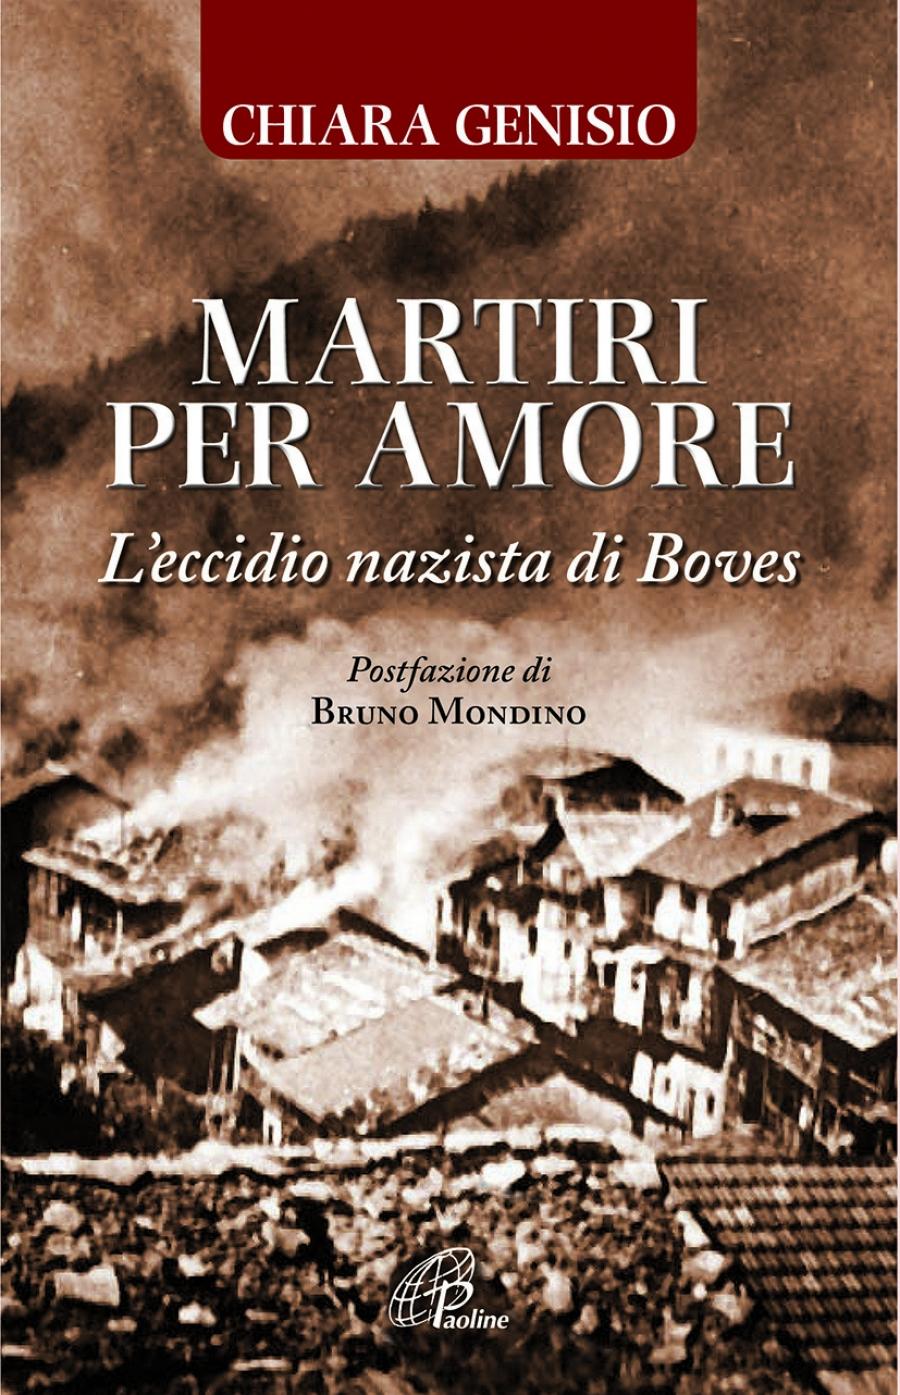 """Pinerolo. Il 17 giugno presentazione del libro """"Martiri per amore – L'eccidio nazista di Boves"""""""